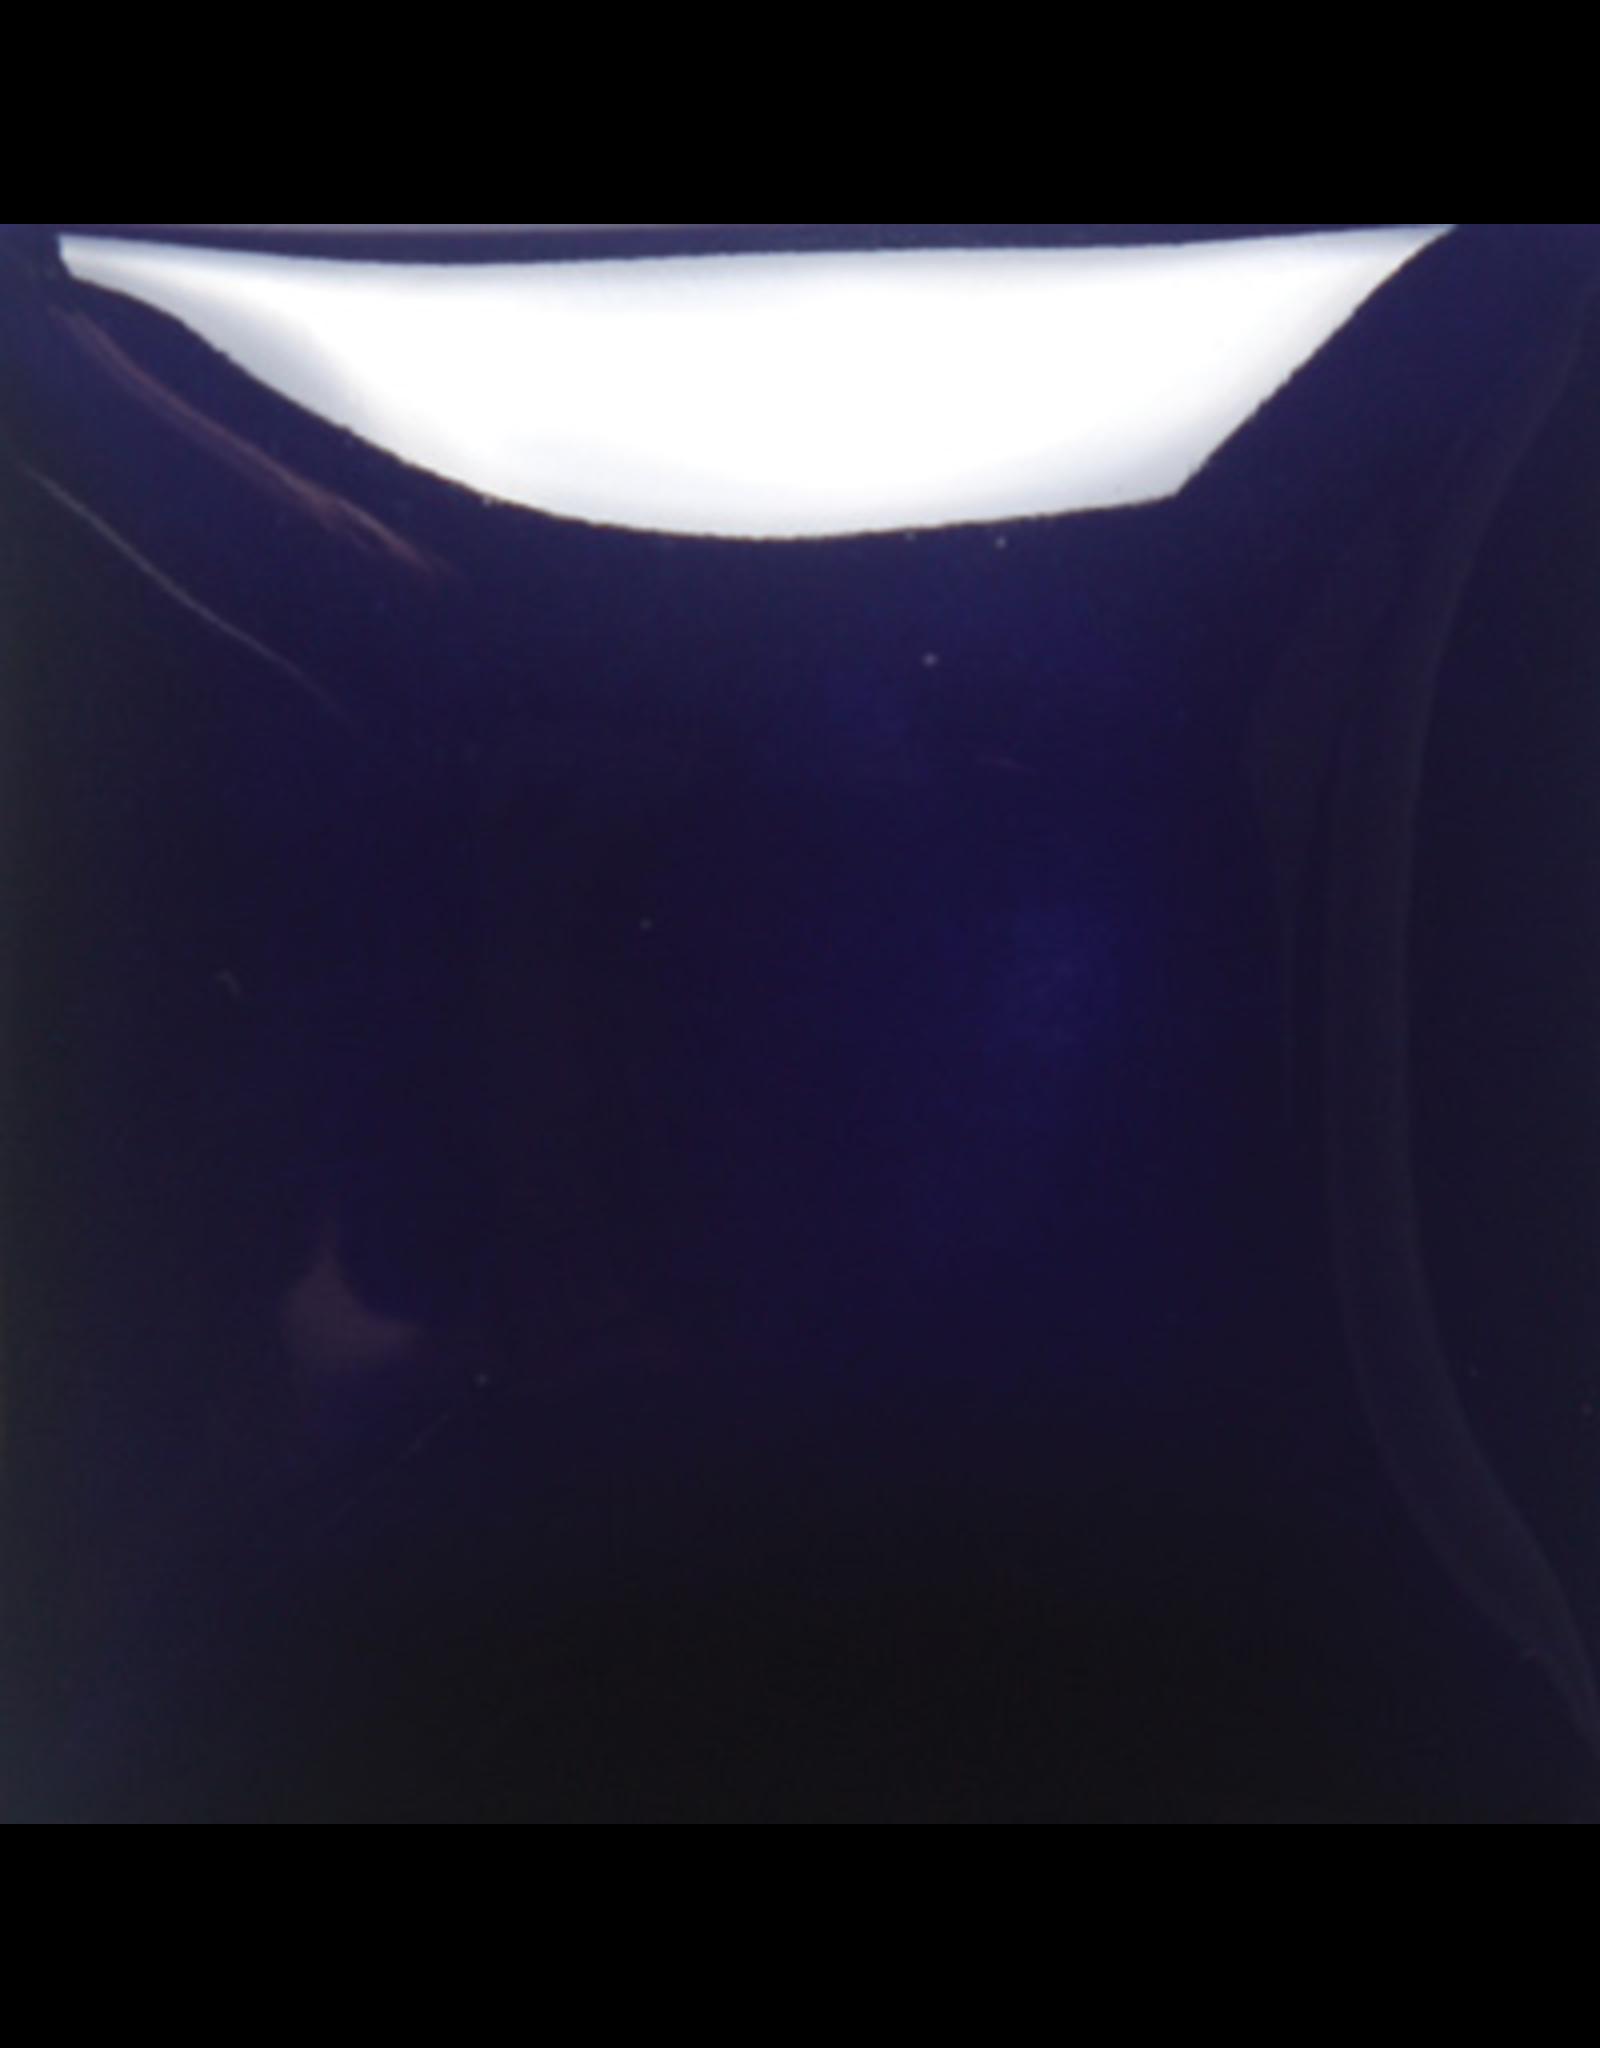 Mayco Dark Blue 473ml